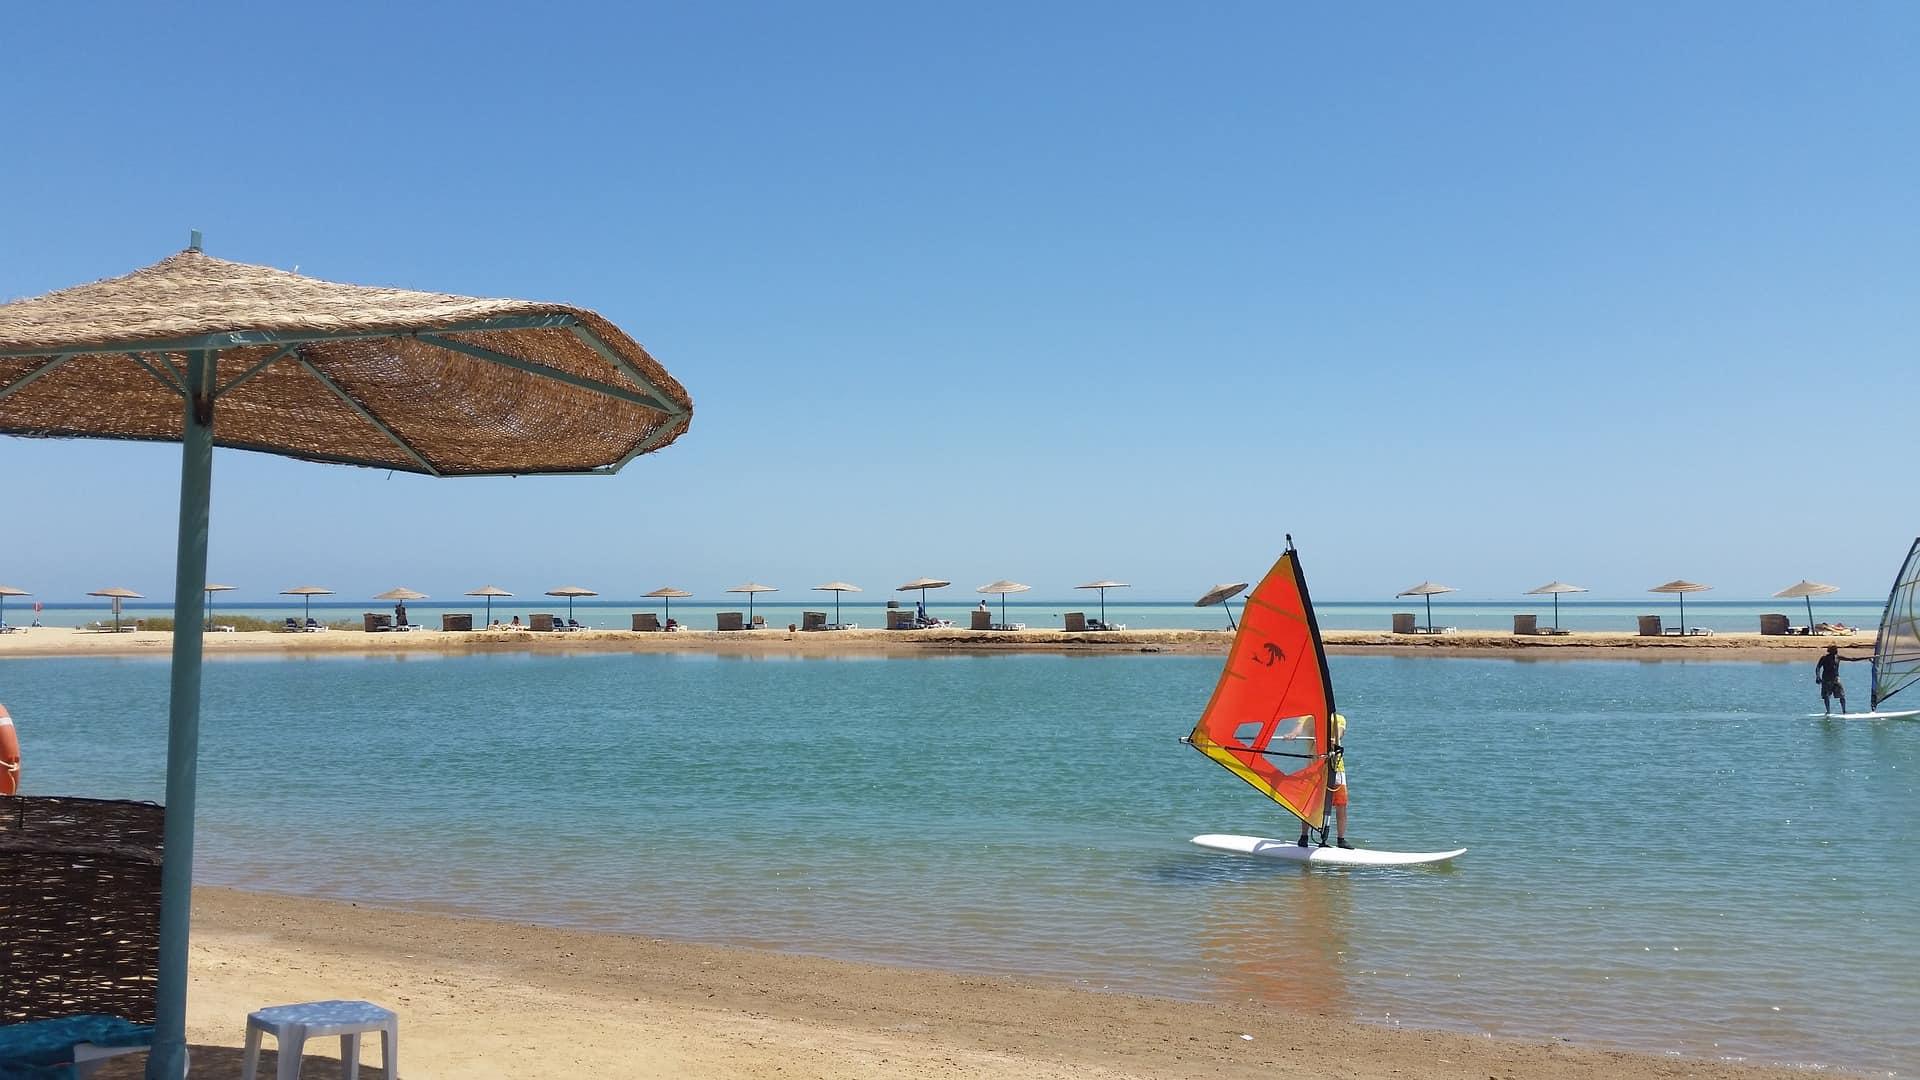 Rotes Meer Urlaub in Ägypten im 5 Sterne Hotel